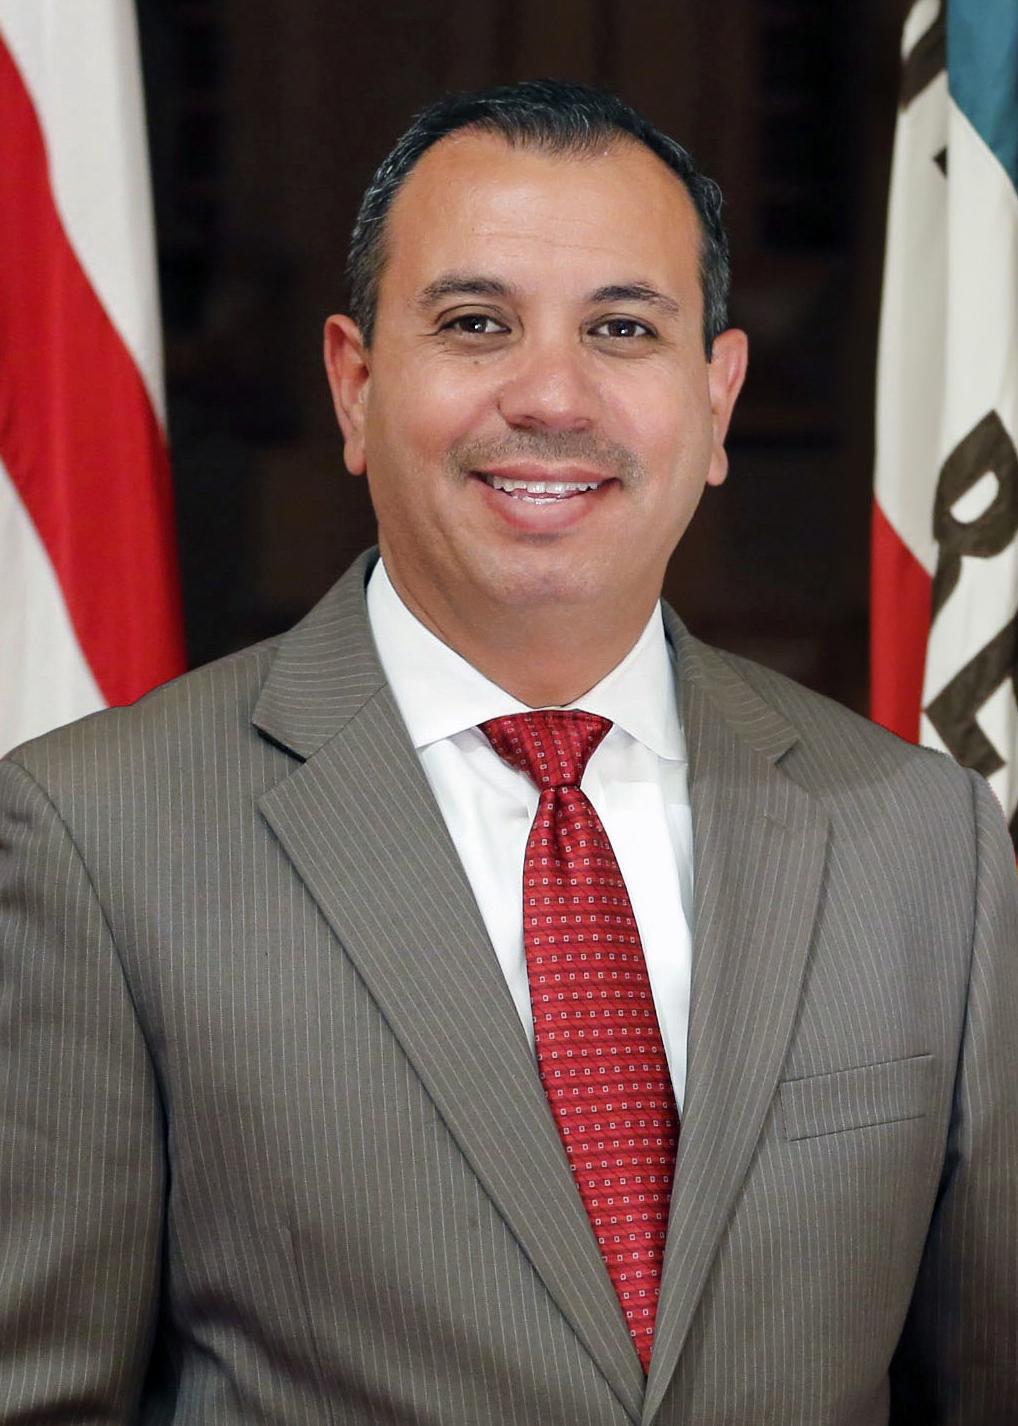 Tony Mendoza (politician) American politician